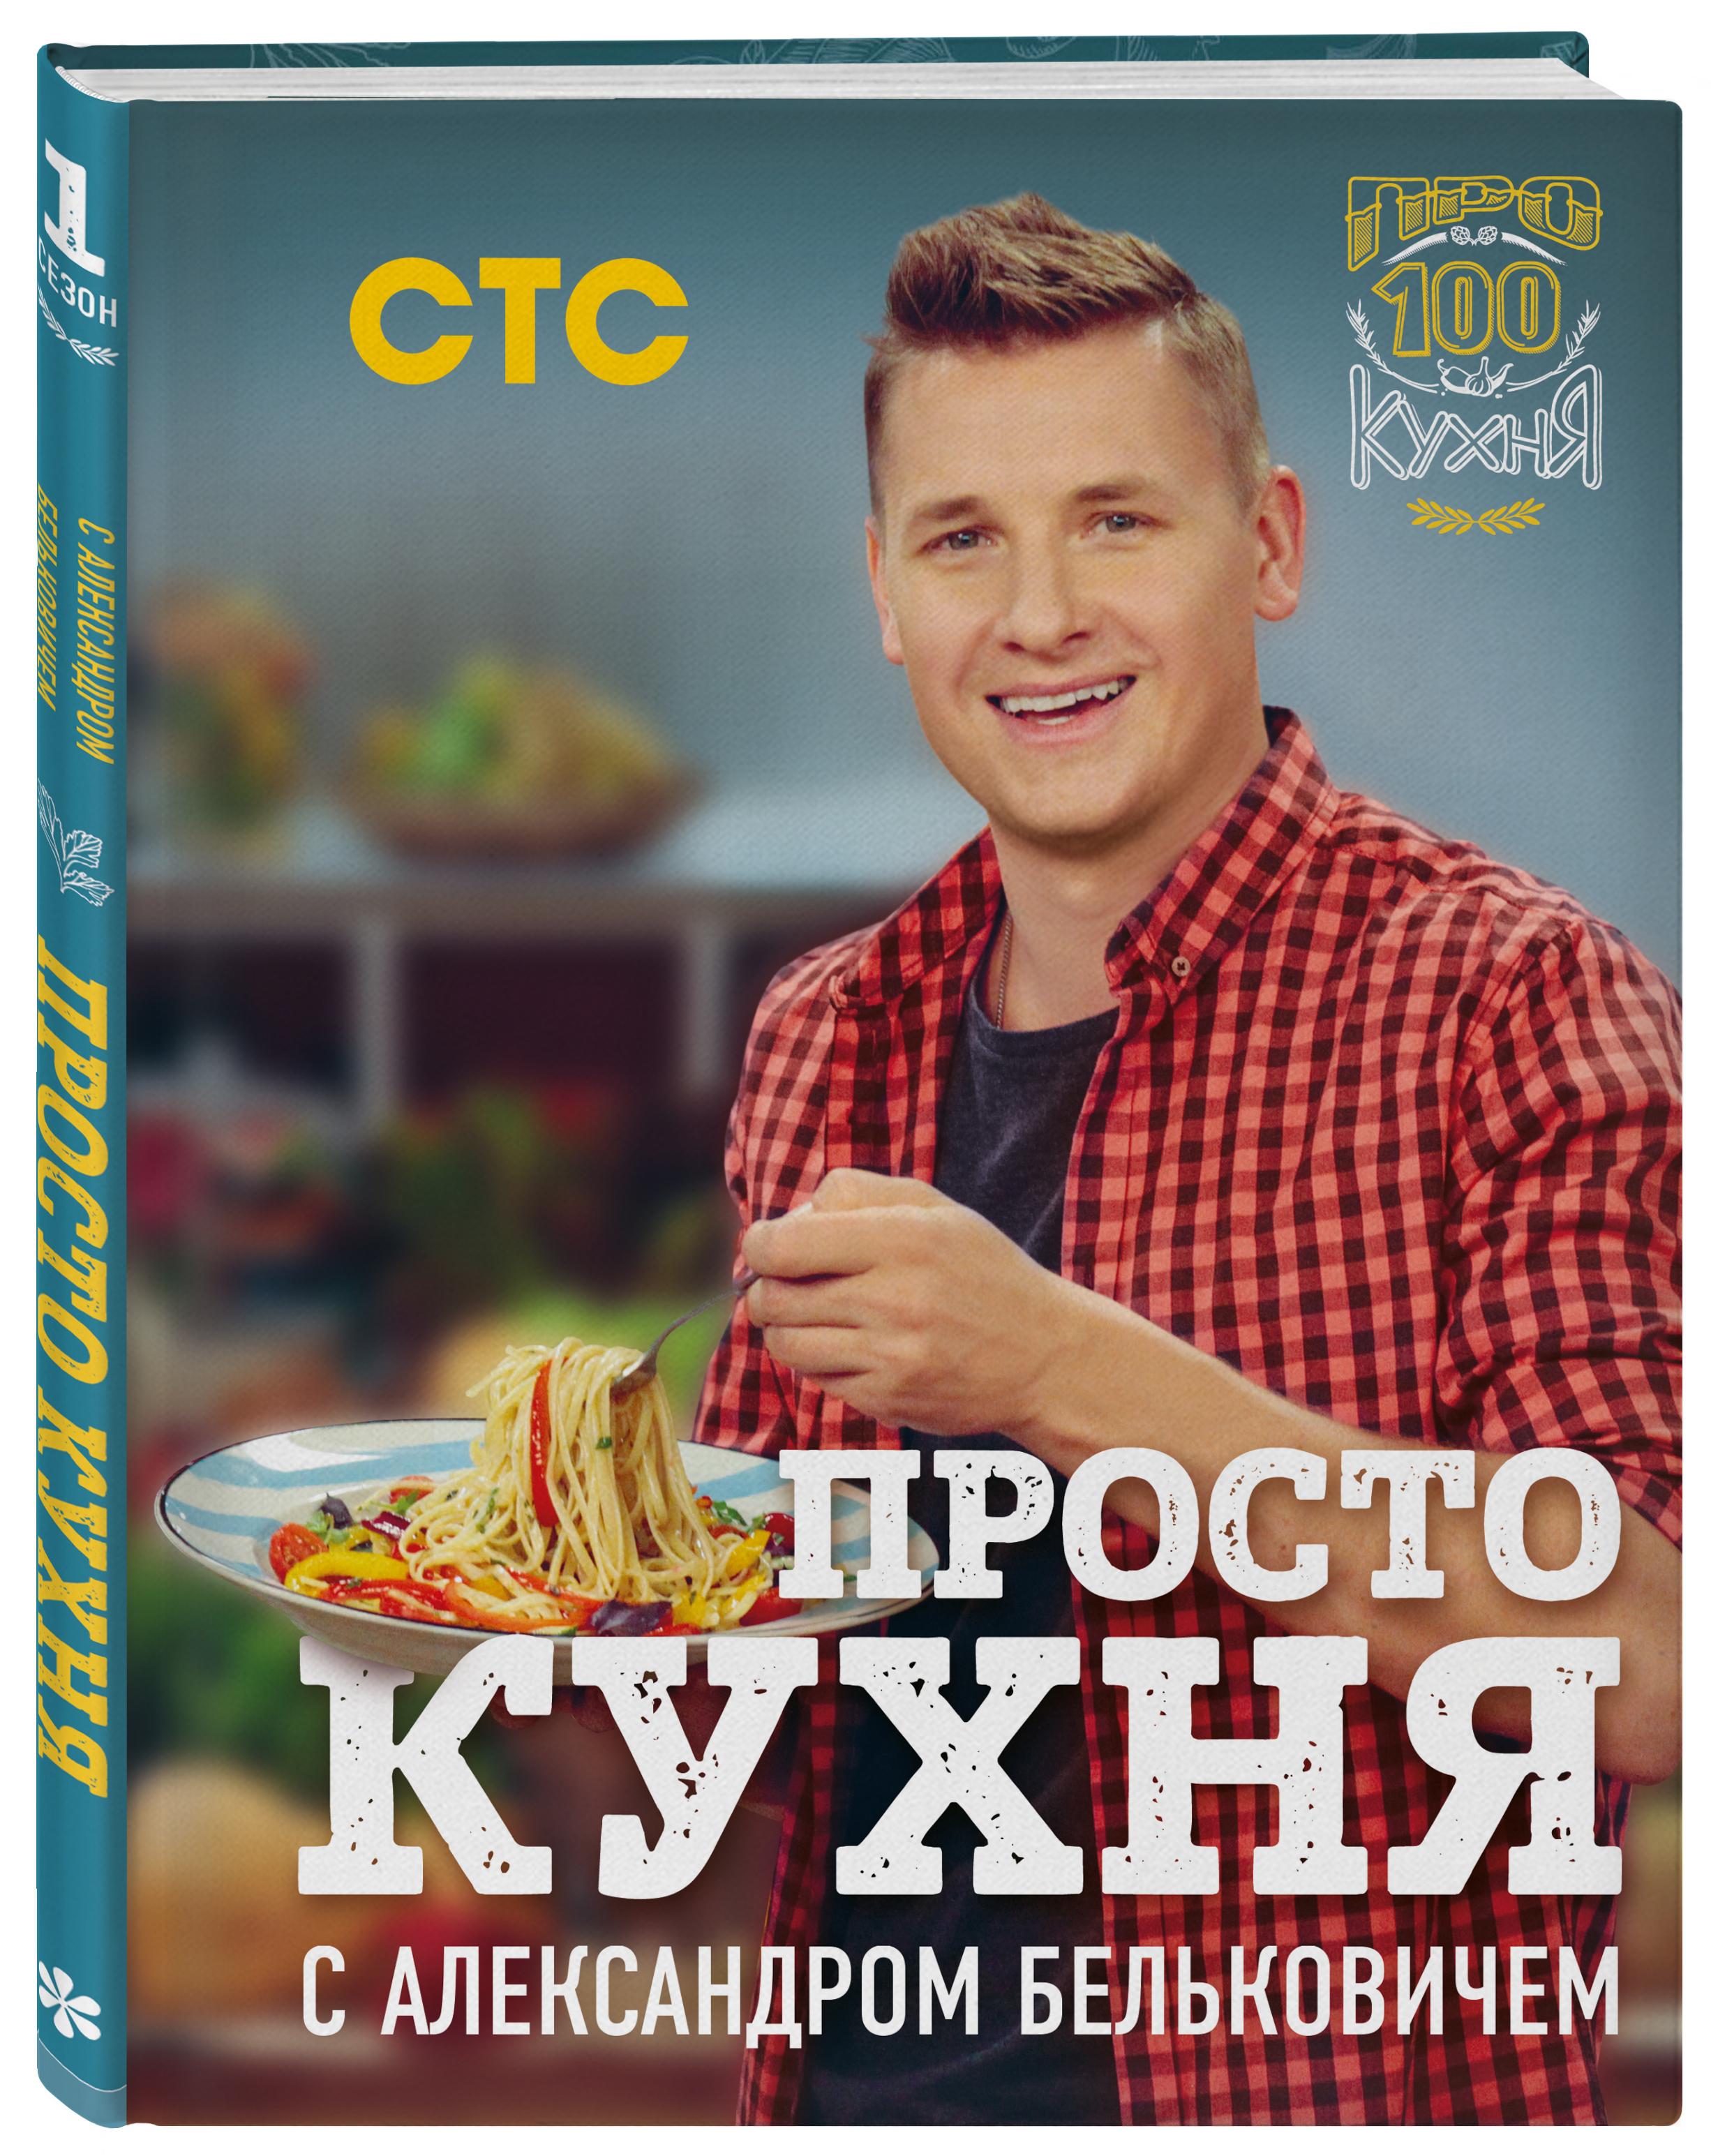 Просто Кухня на СТС рецепты 7 сезон все серии бесплатно